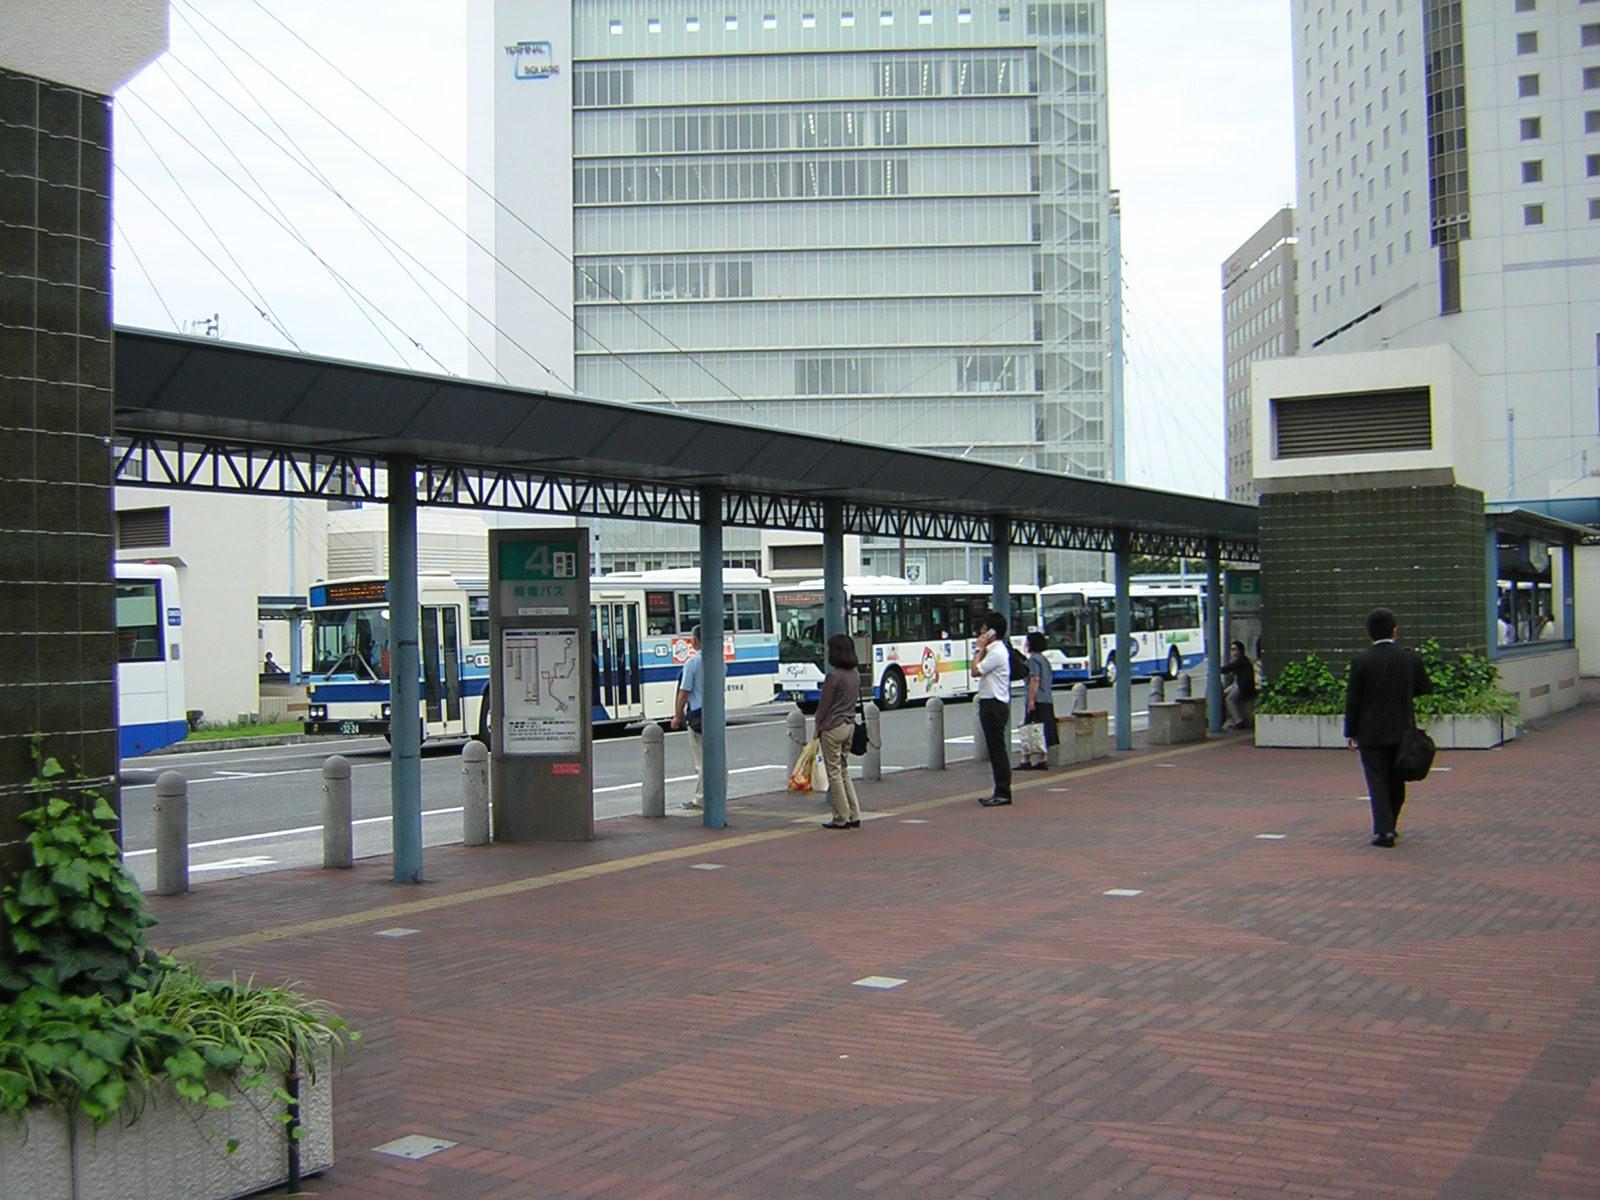 バス停改修前イメージ